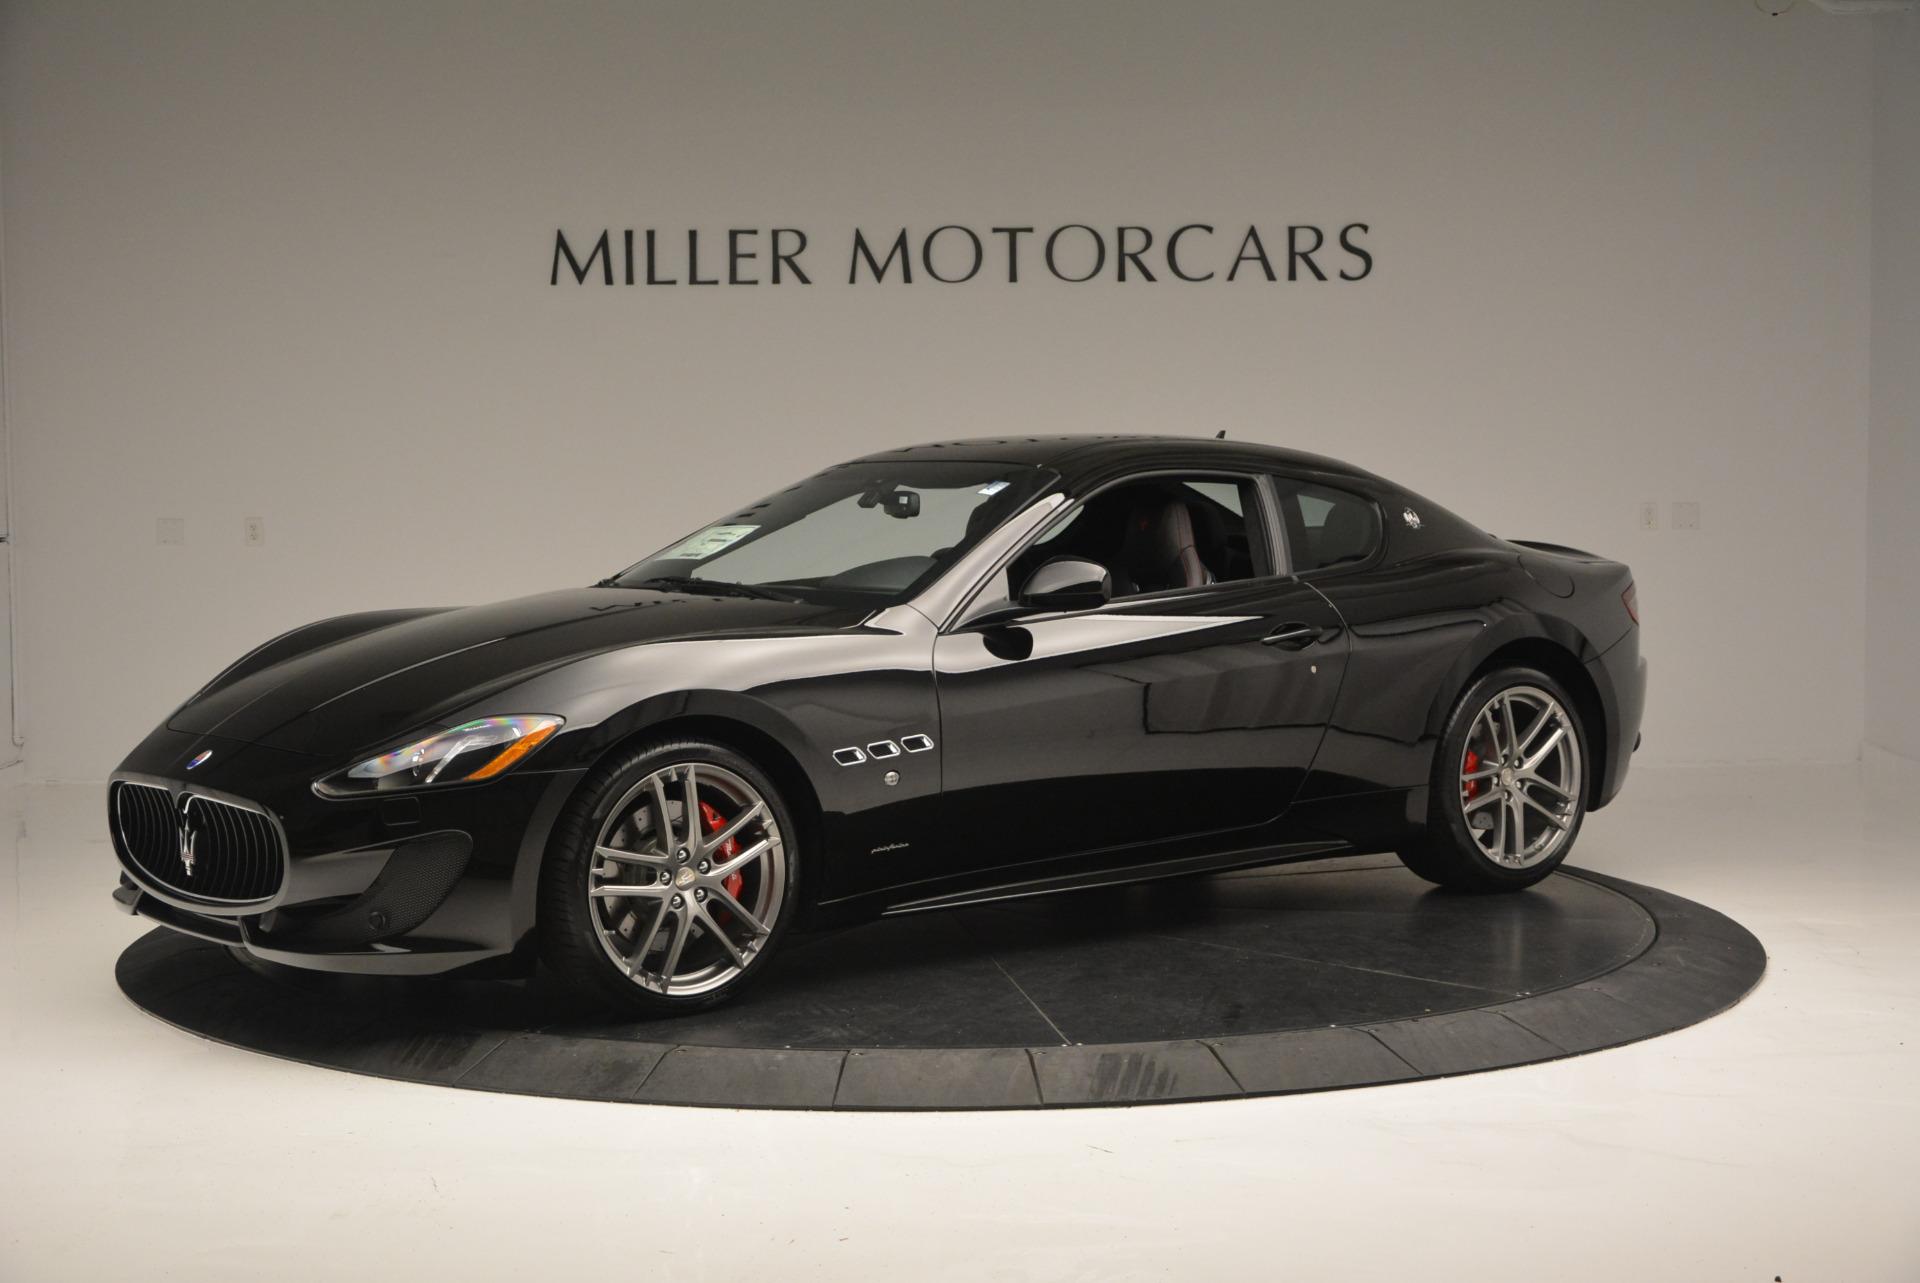 New 2016 Maserati GranTurismo Sport For Sale In Greenwich, CT 592_p2